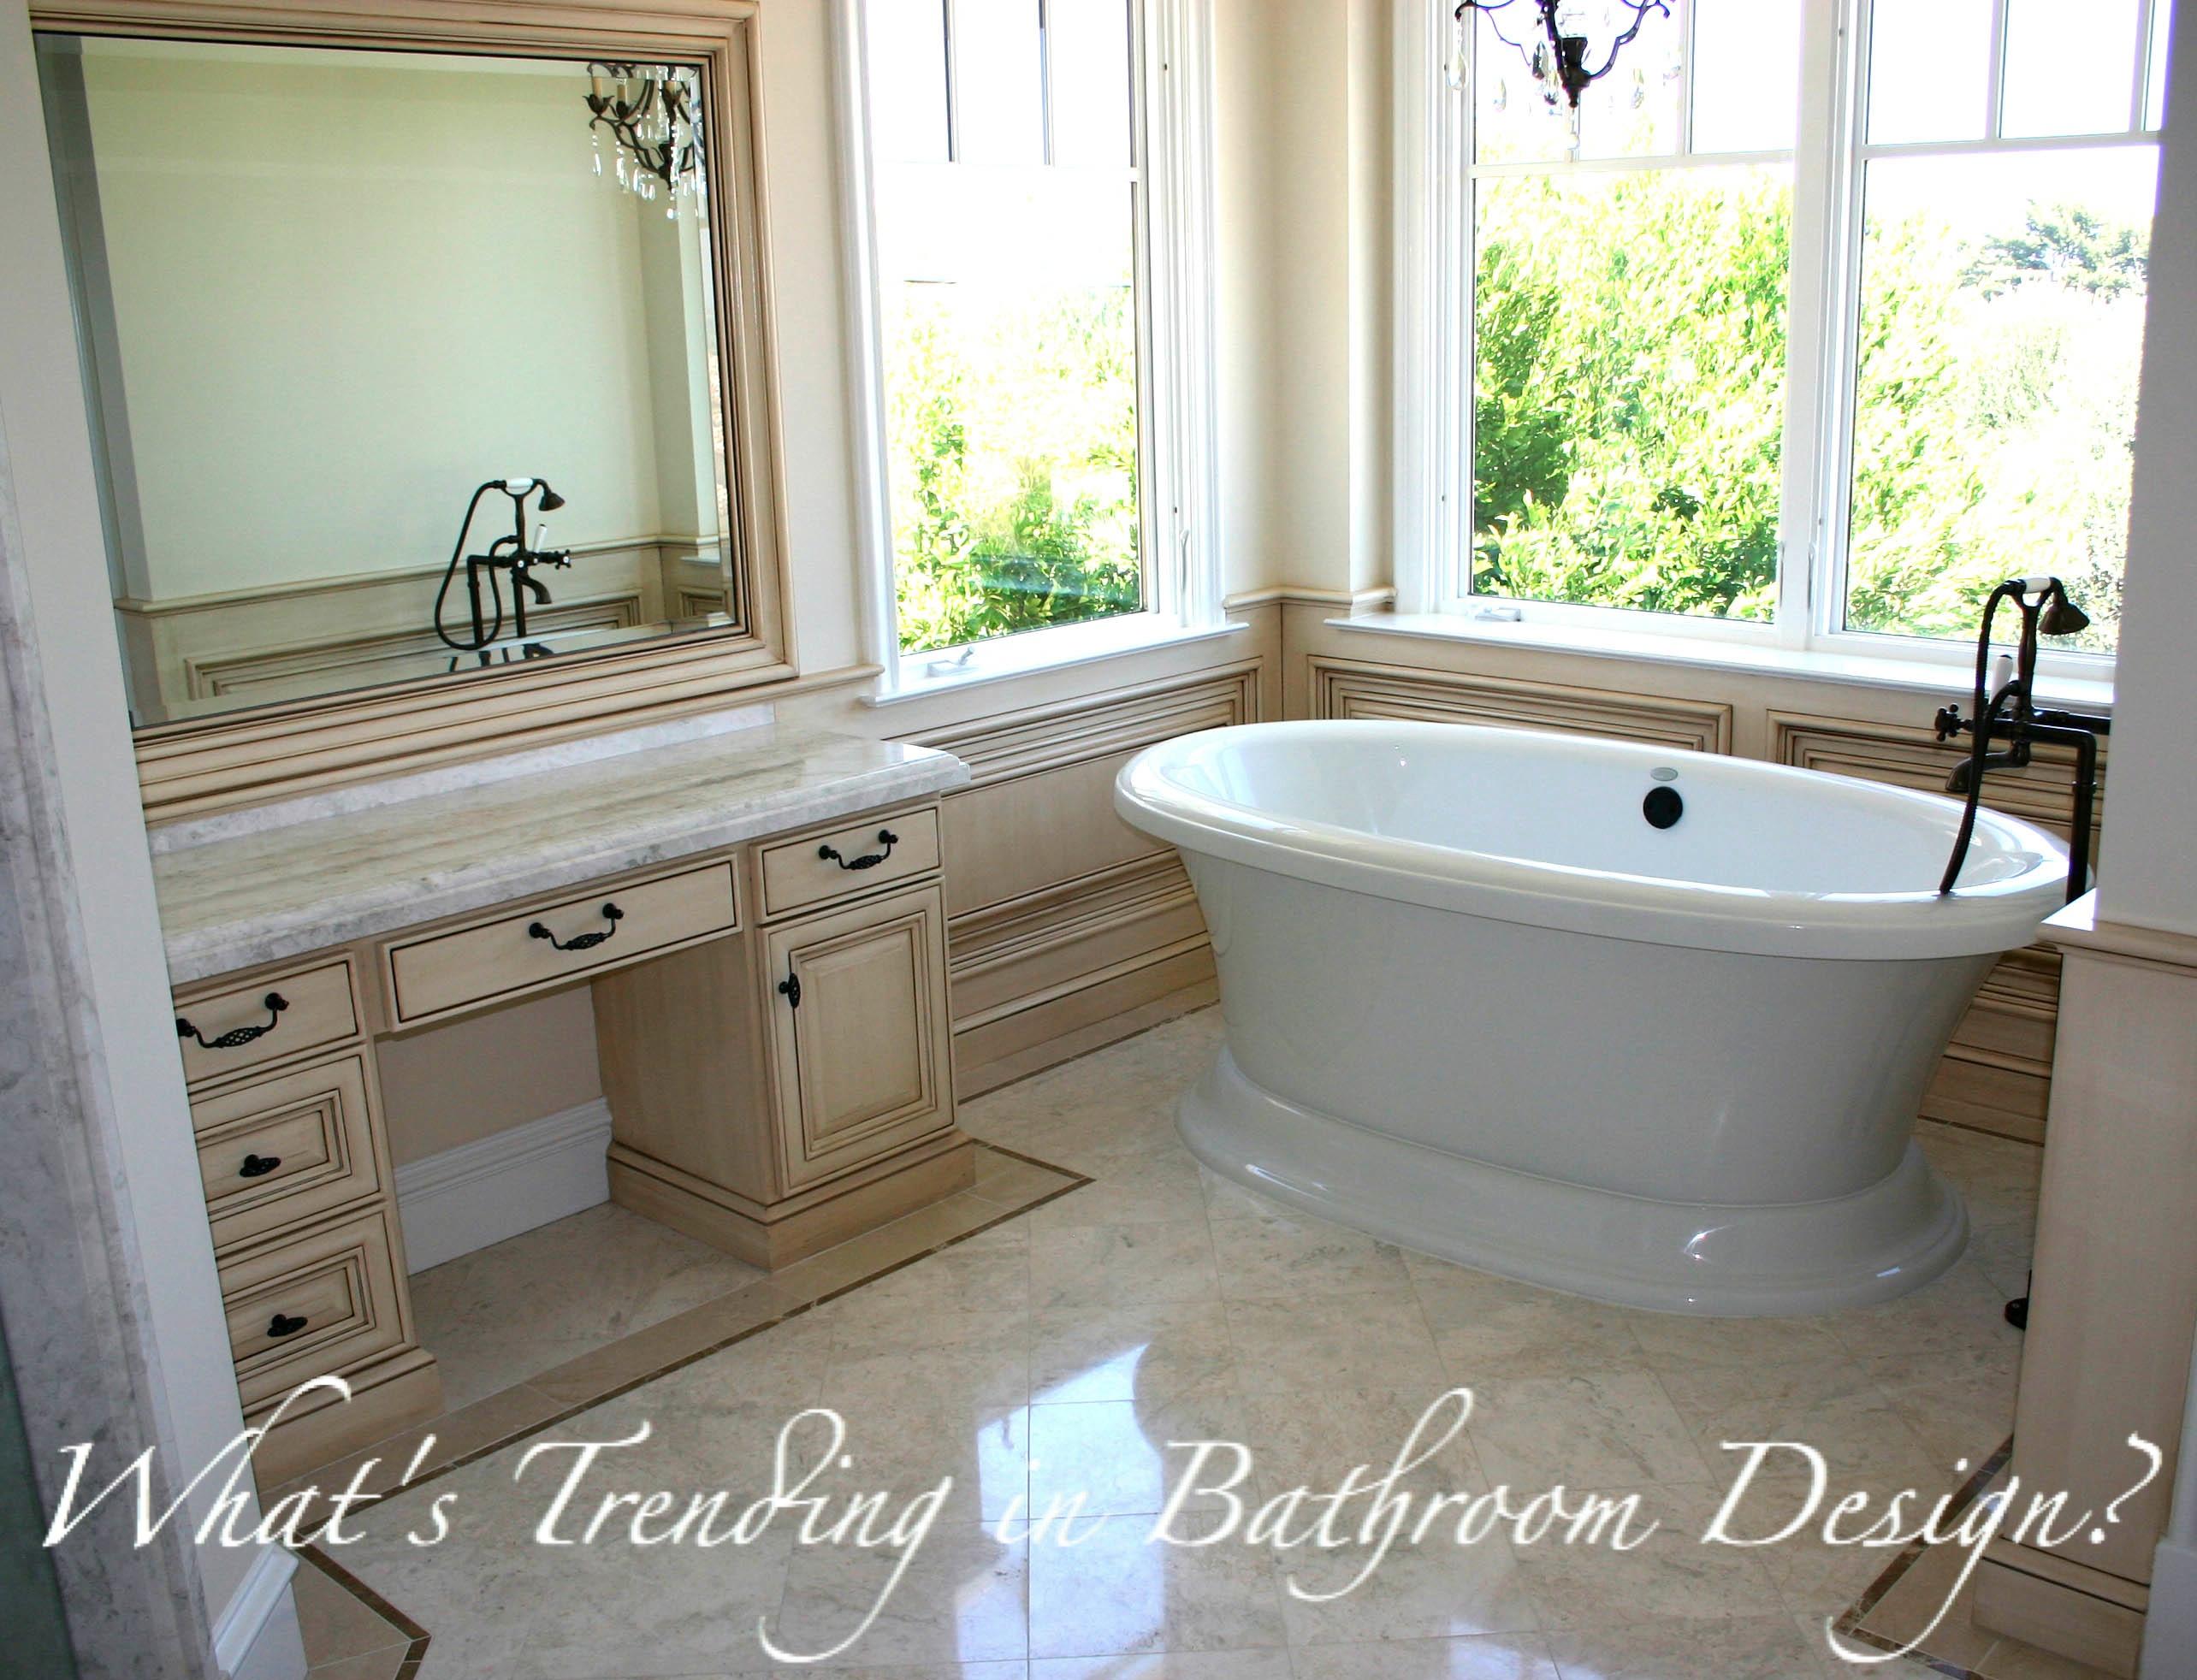 Trends in Bathroom Design! | kbtribe